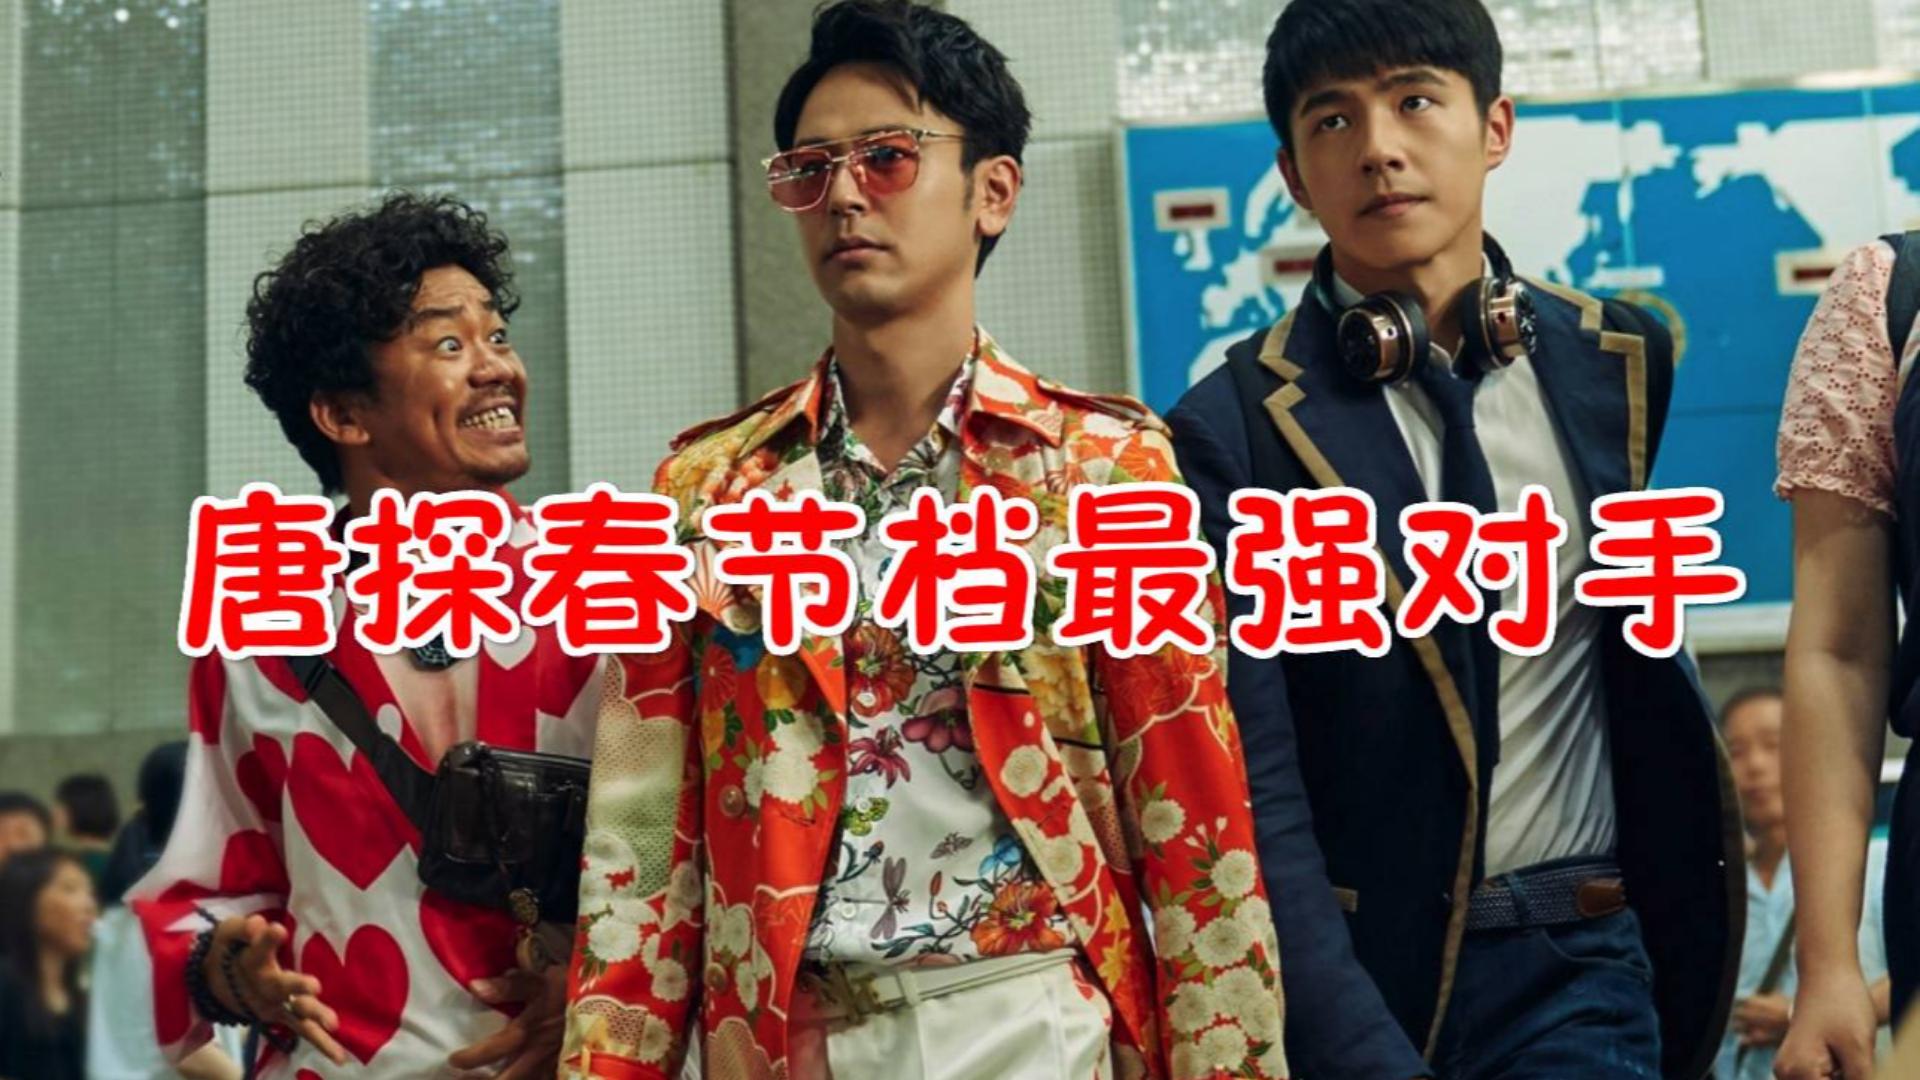 《唐人街探案3》春节档遭遇的最强对手,没想到是它!